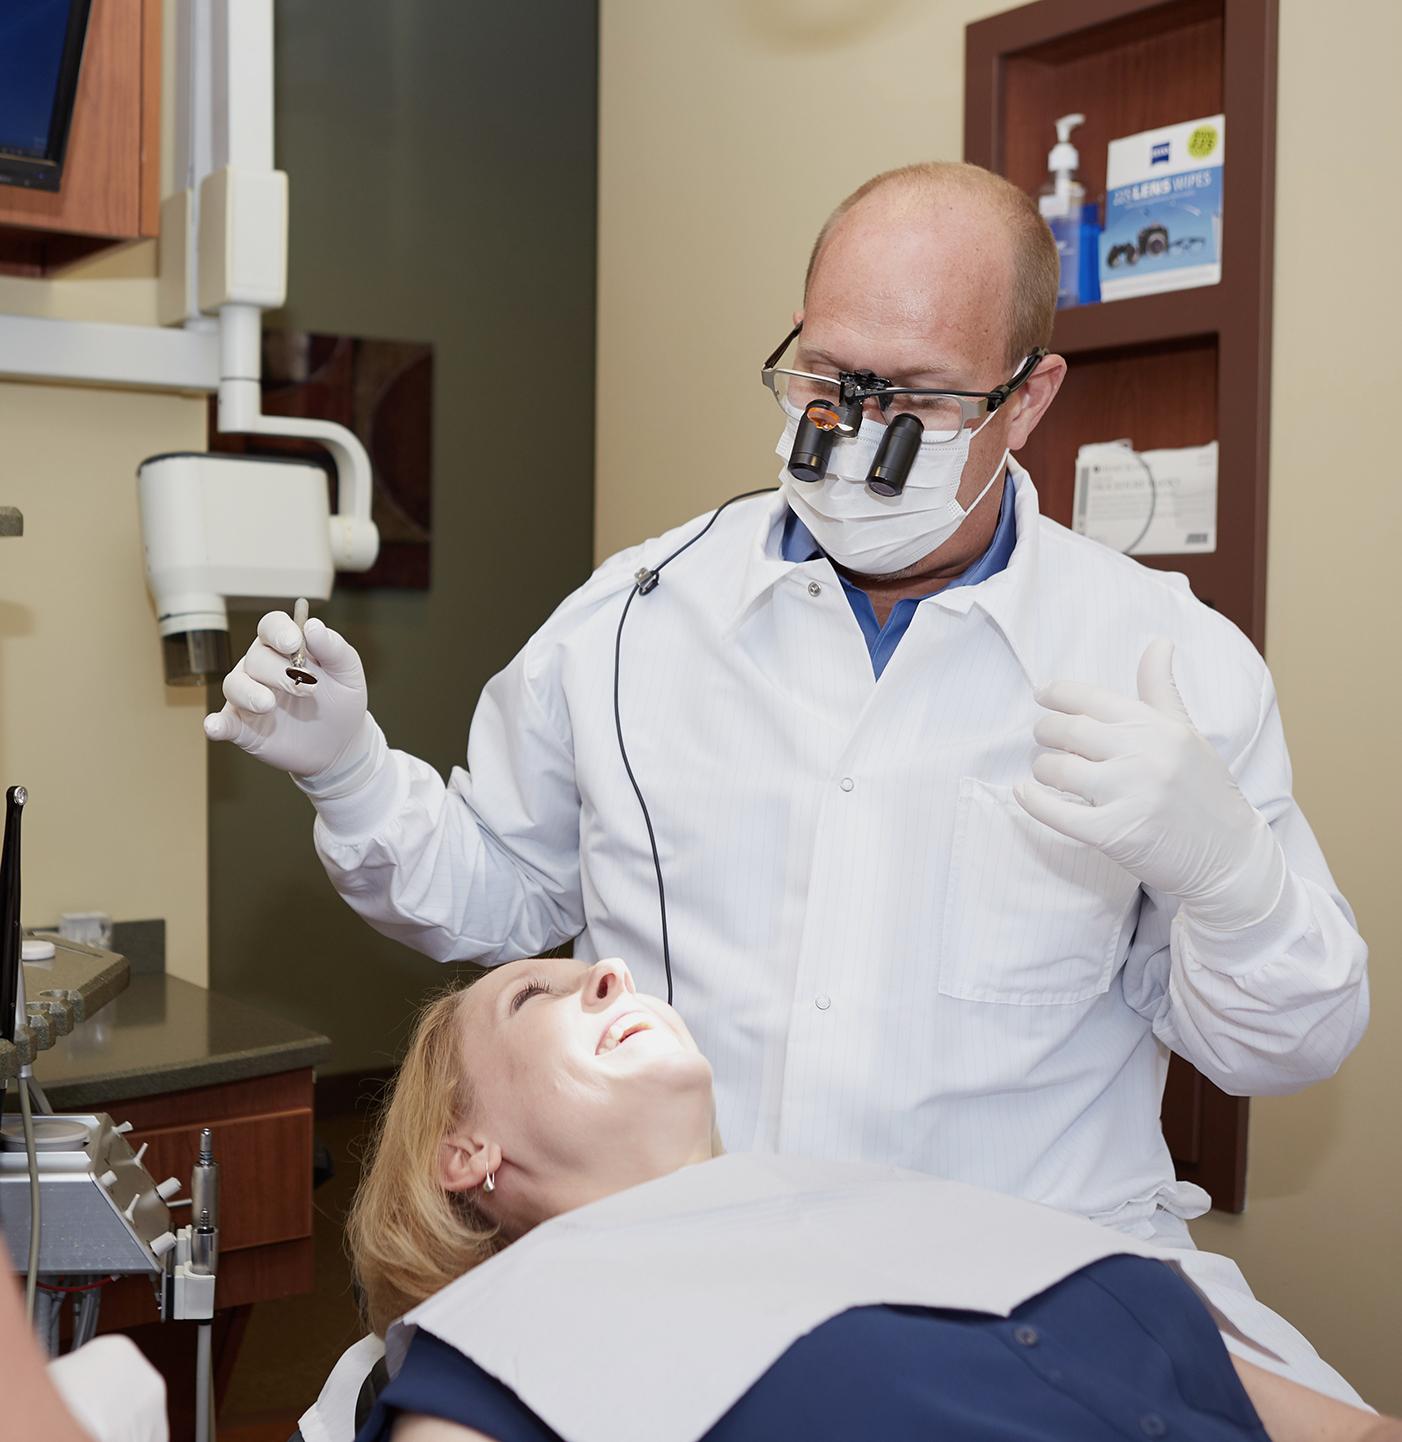 Dr Doug Klein Dentist Office in Grandville MI 49418 - KleinDentistry.com